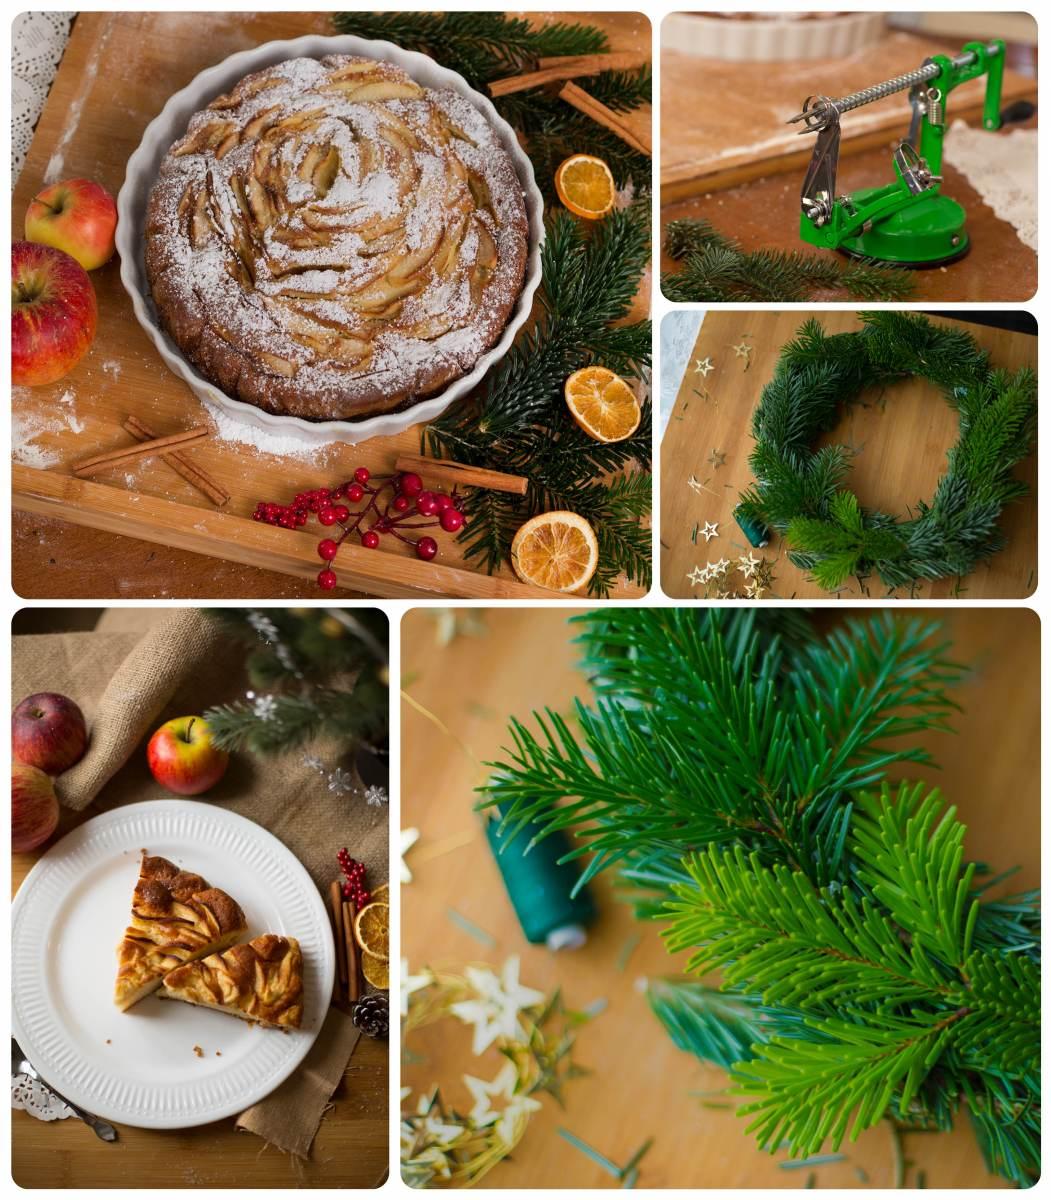 Ambient & Foodfotografie für TecTake